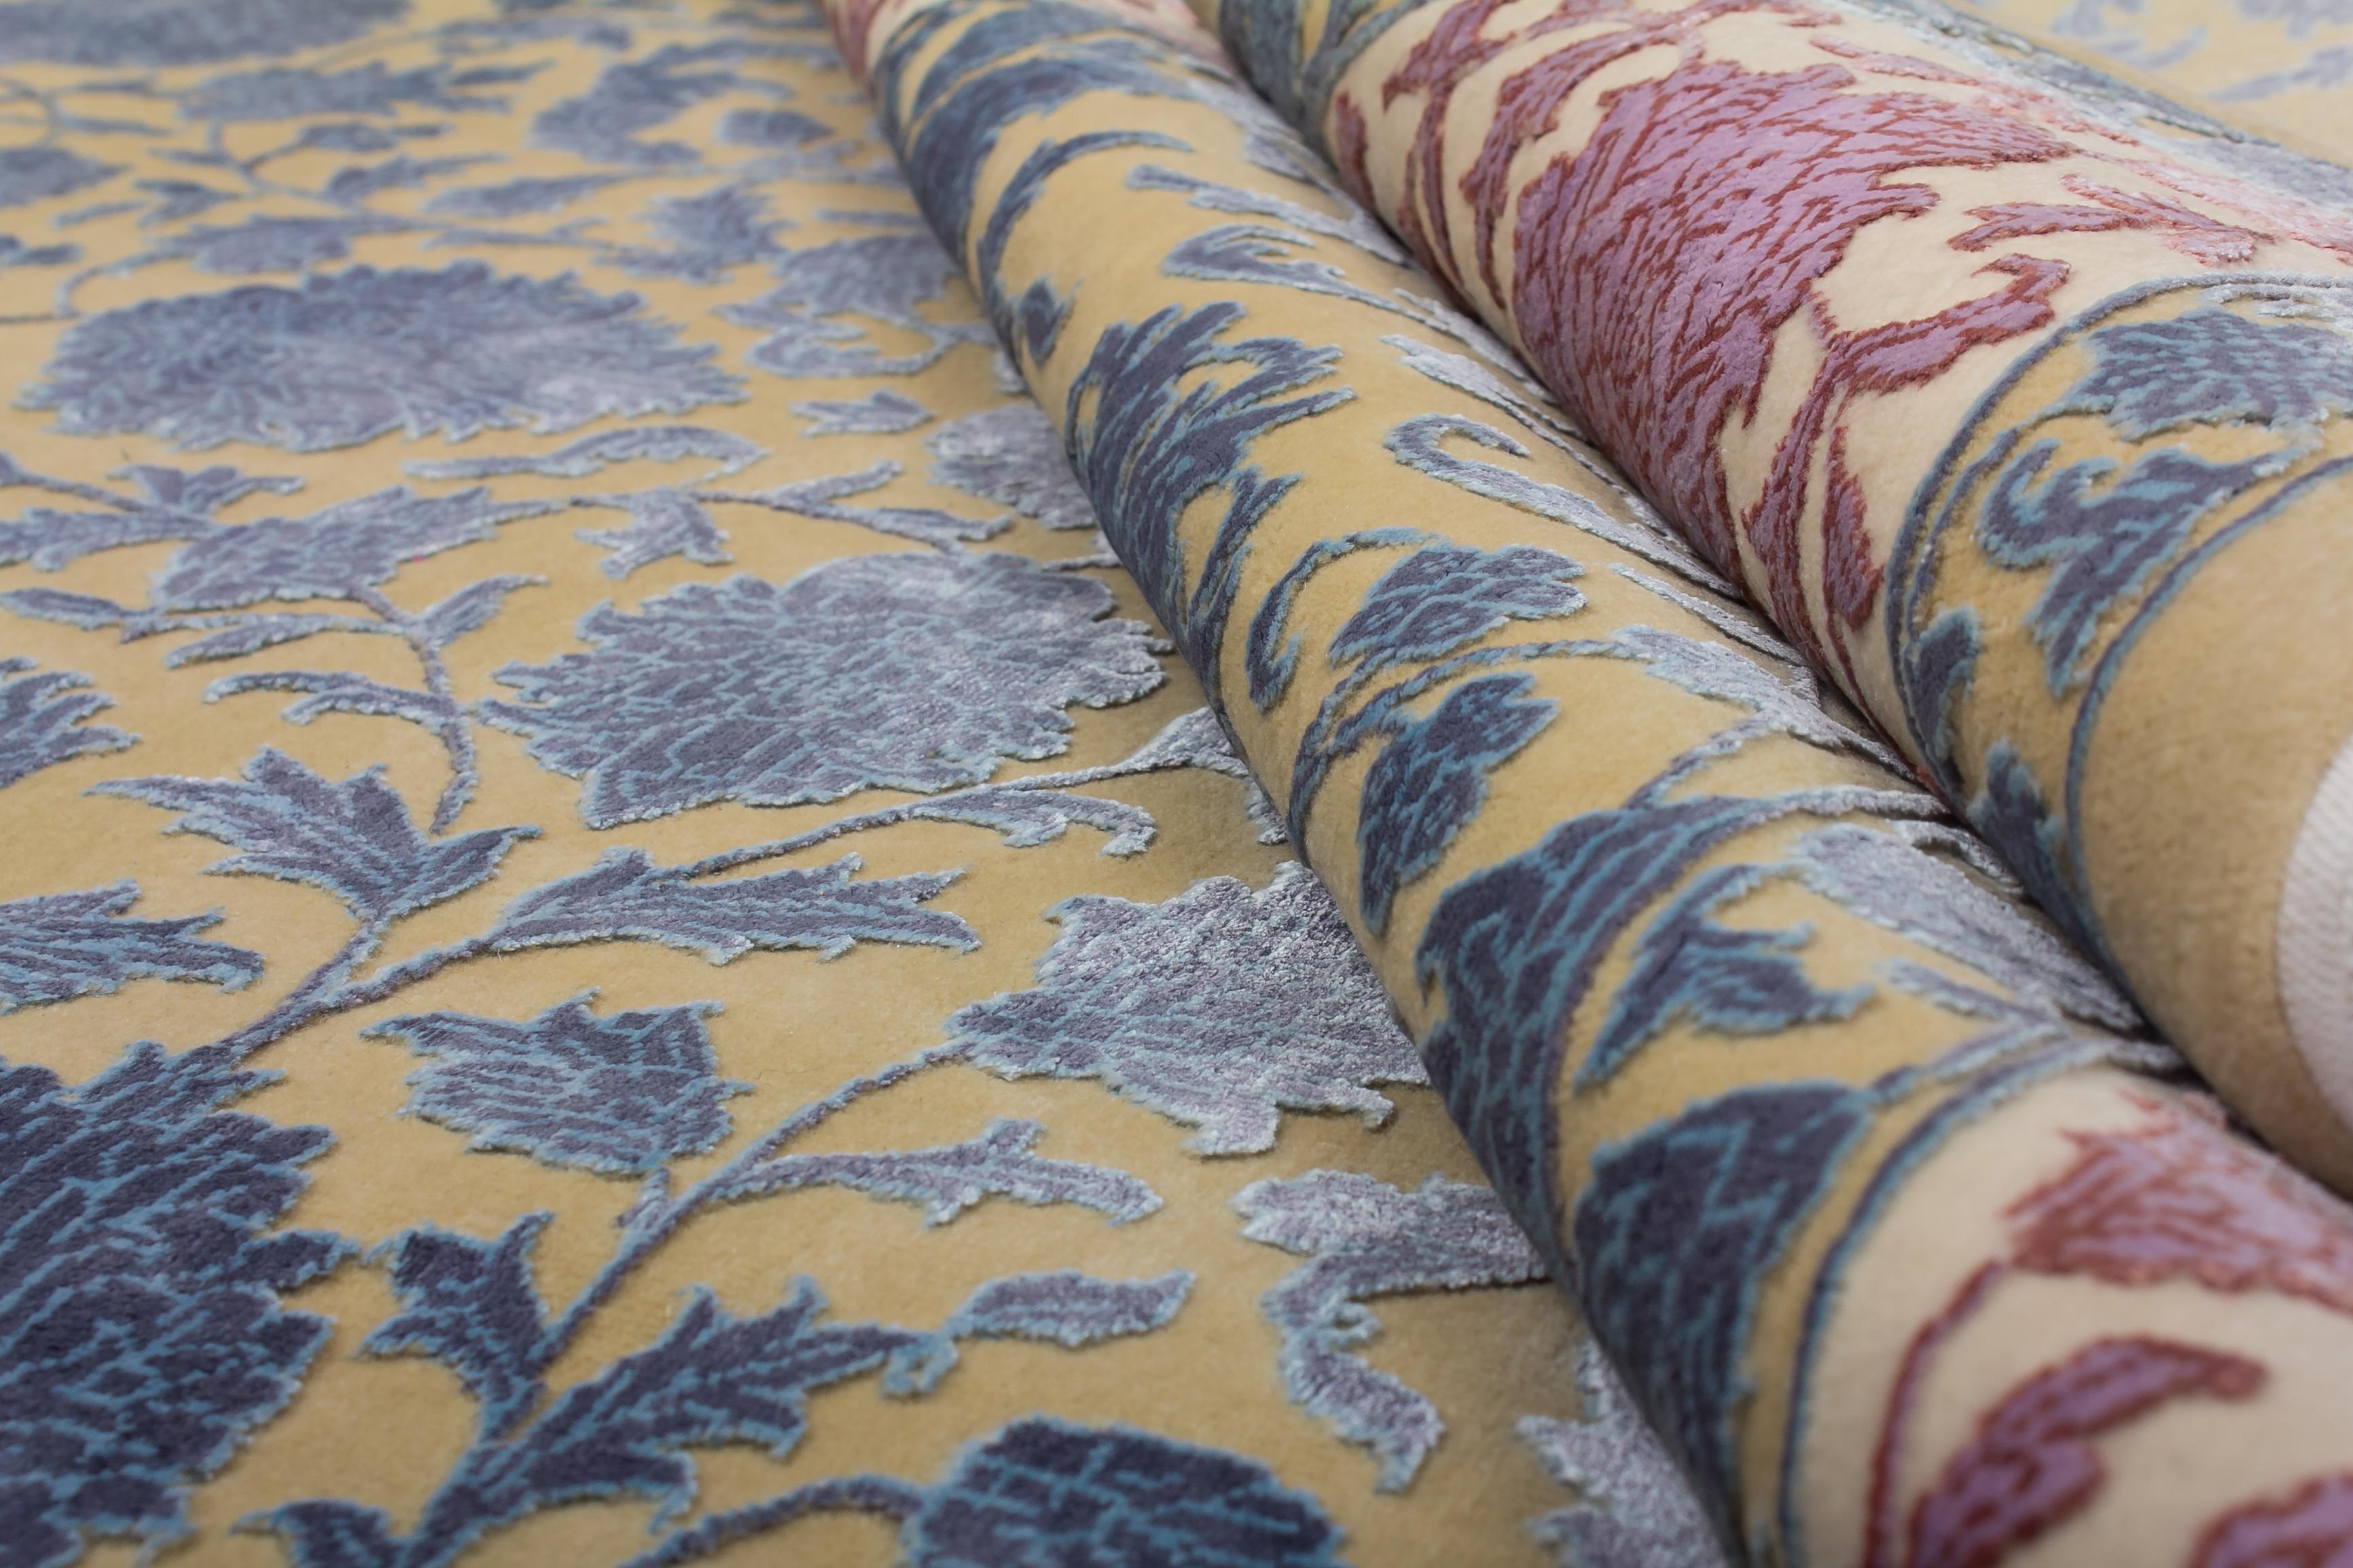 Итальянские ковры: Dolce stil элегантности